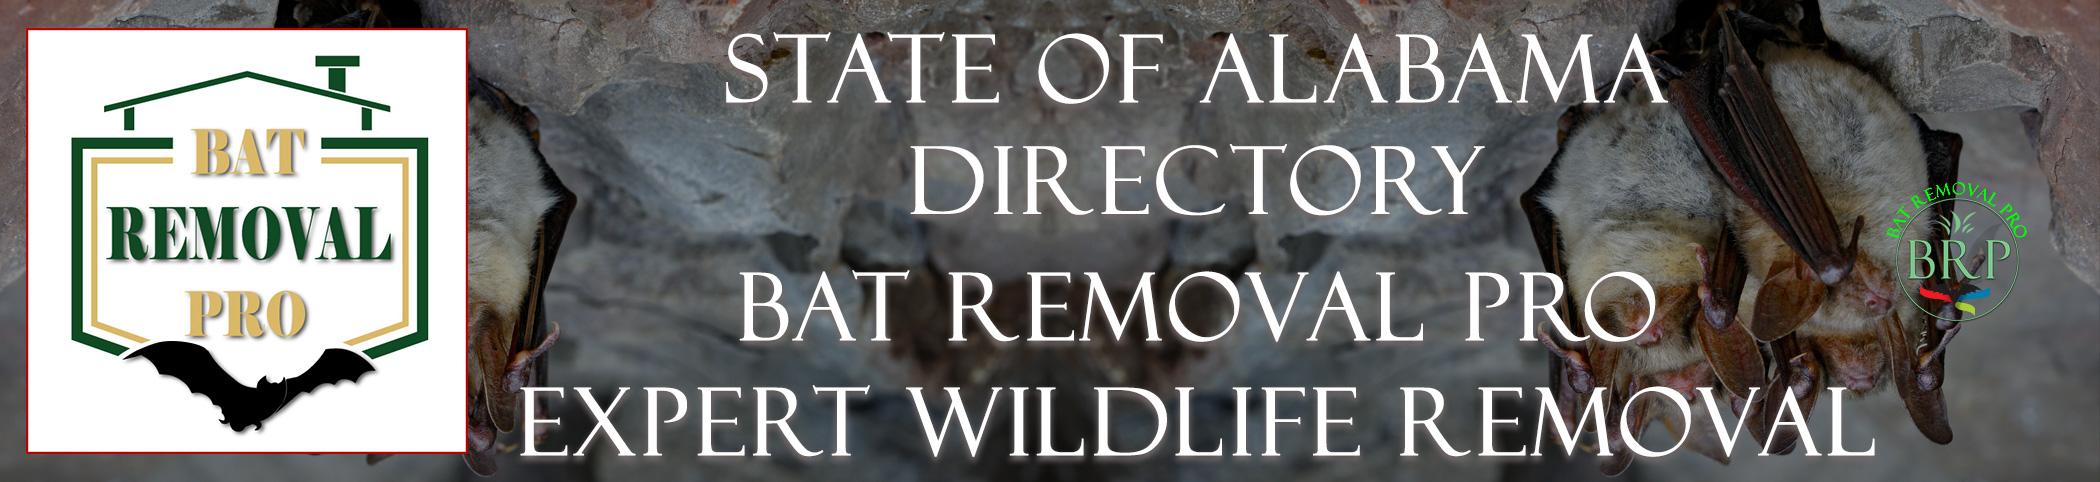 alabama-bat-removal-at-bat-removal-pro-header-image